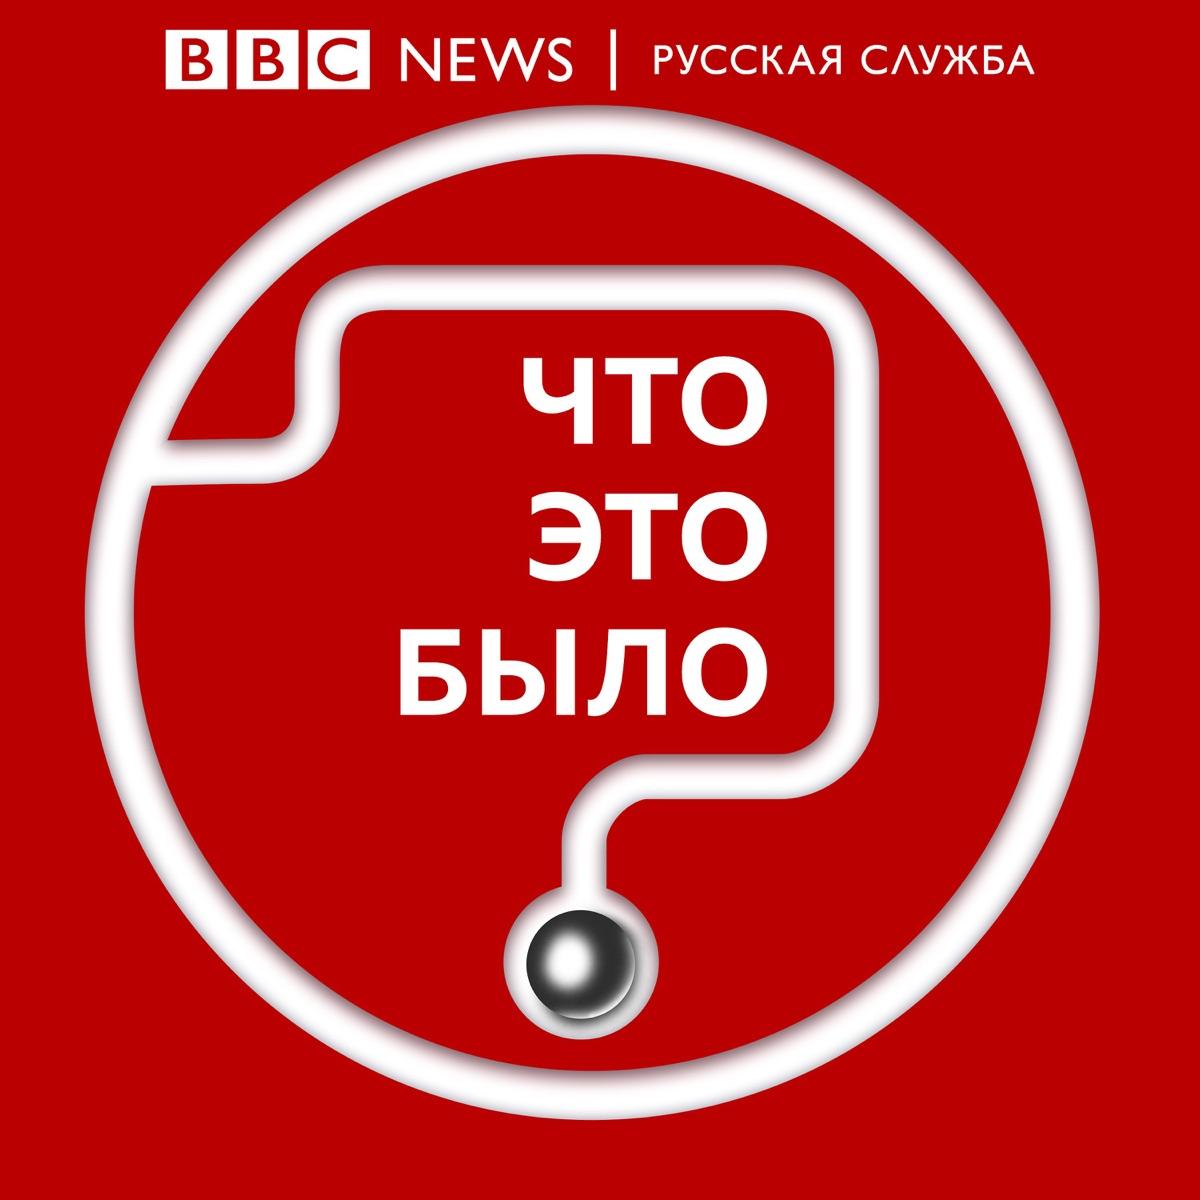 Куда падает рубль?